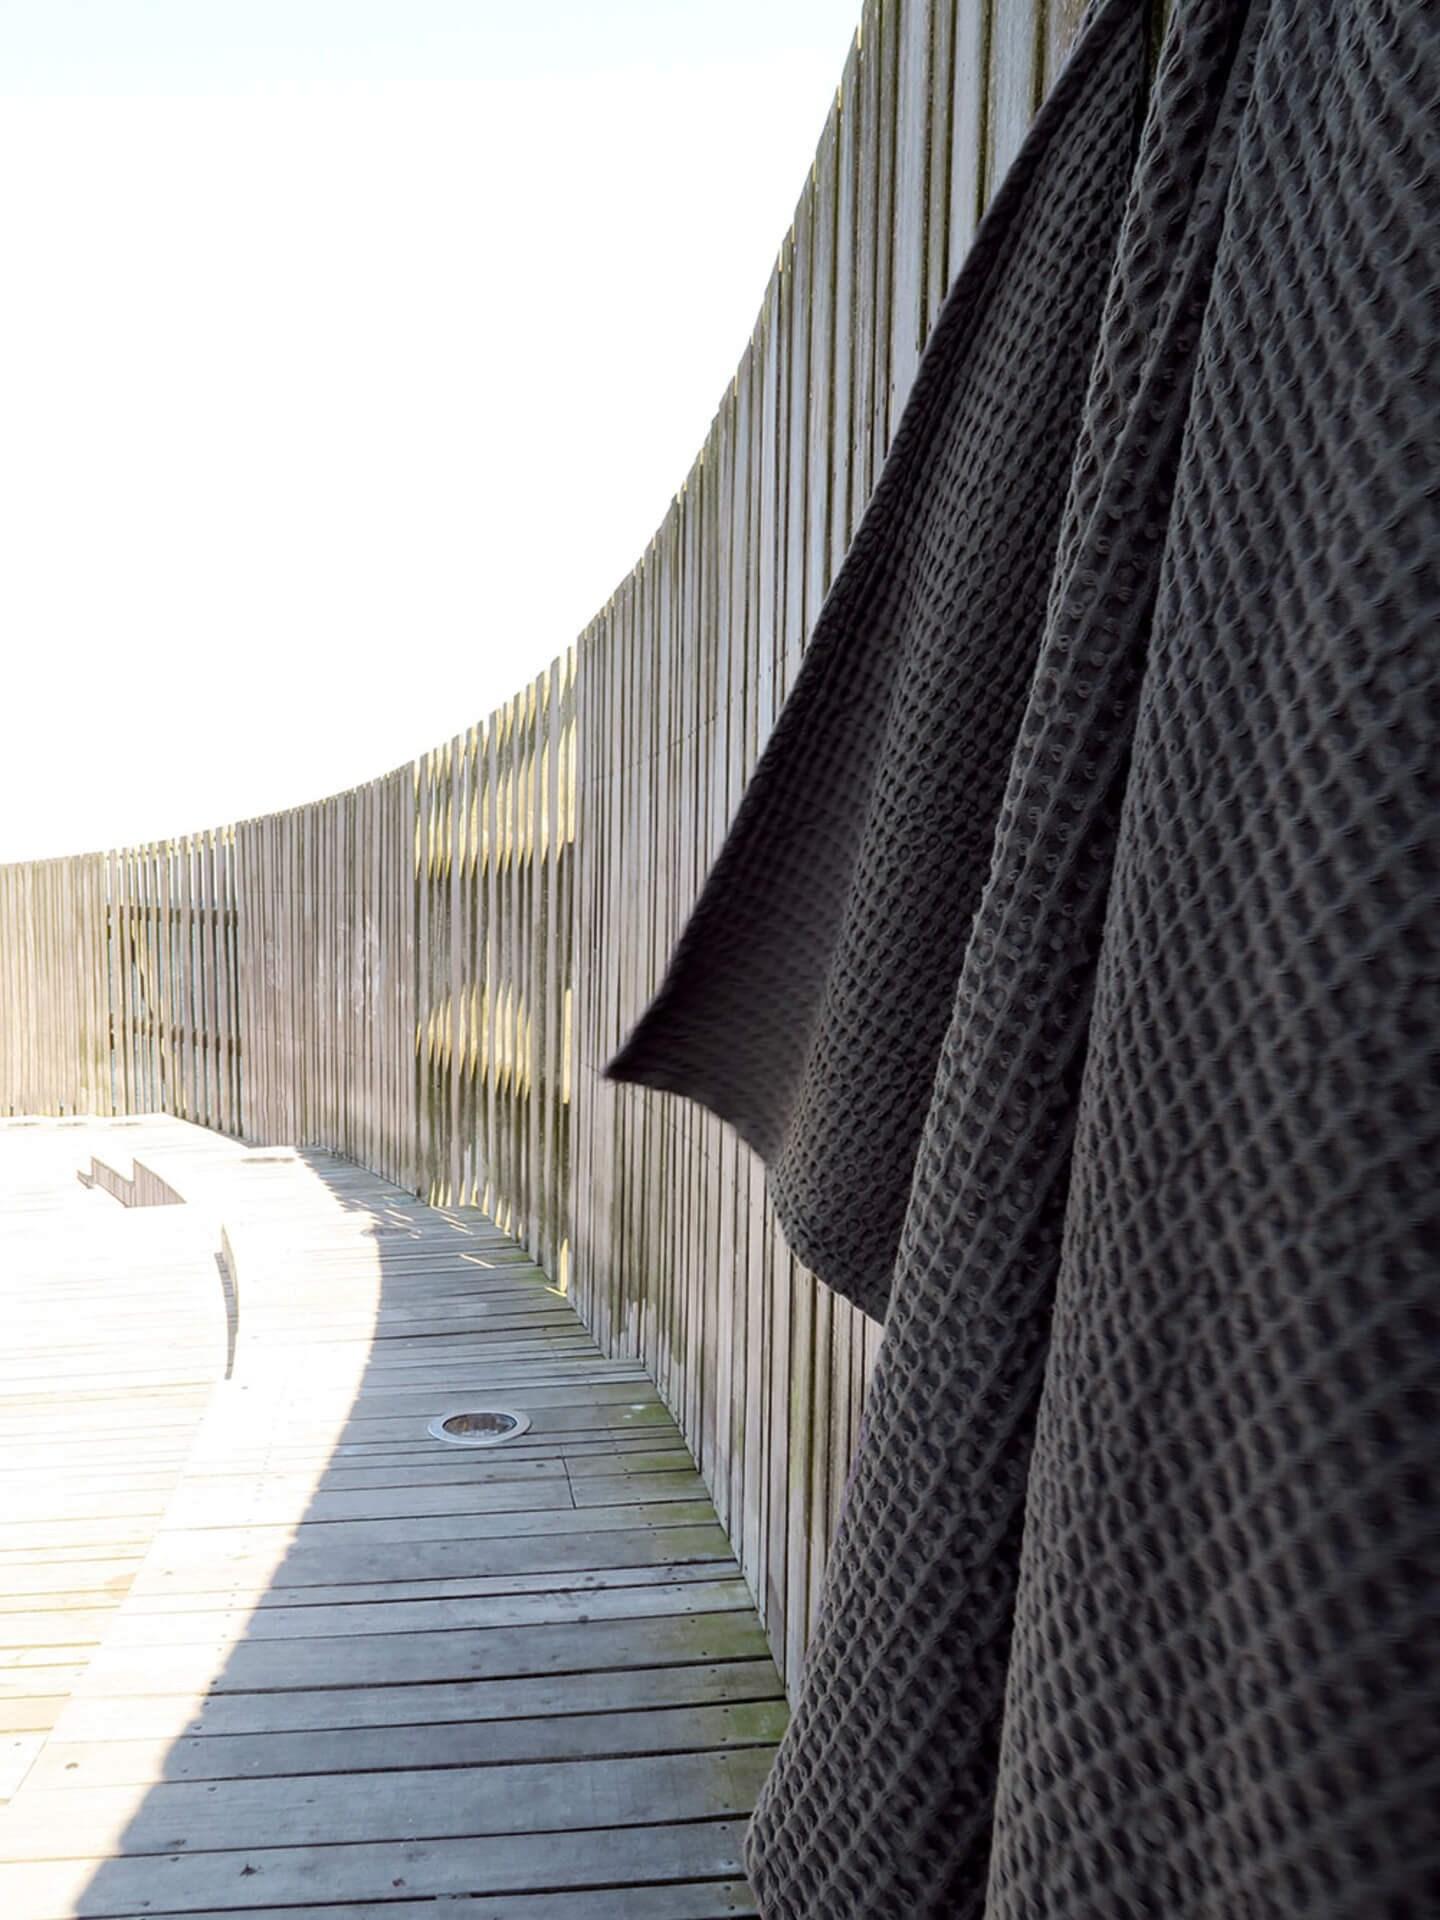 Miljøbilde badehåndklær bomull. Big waffle towel and blanket i grå fra The Organic Company. Hengende på vegg utendørs.